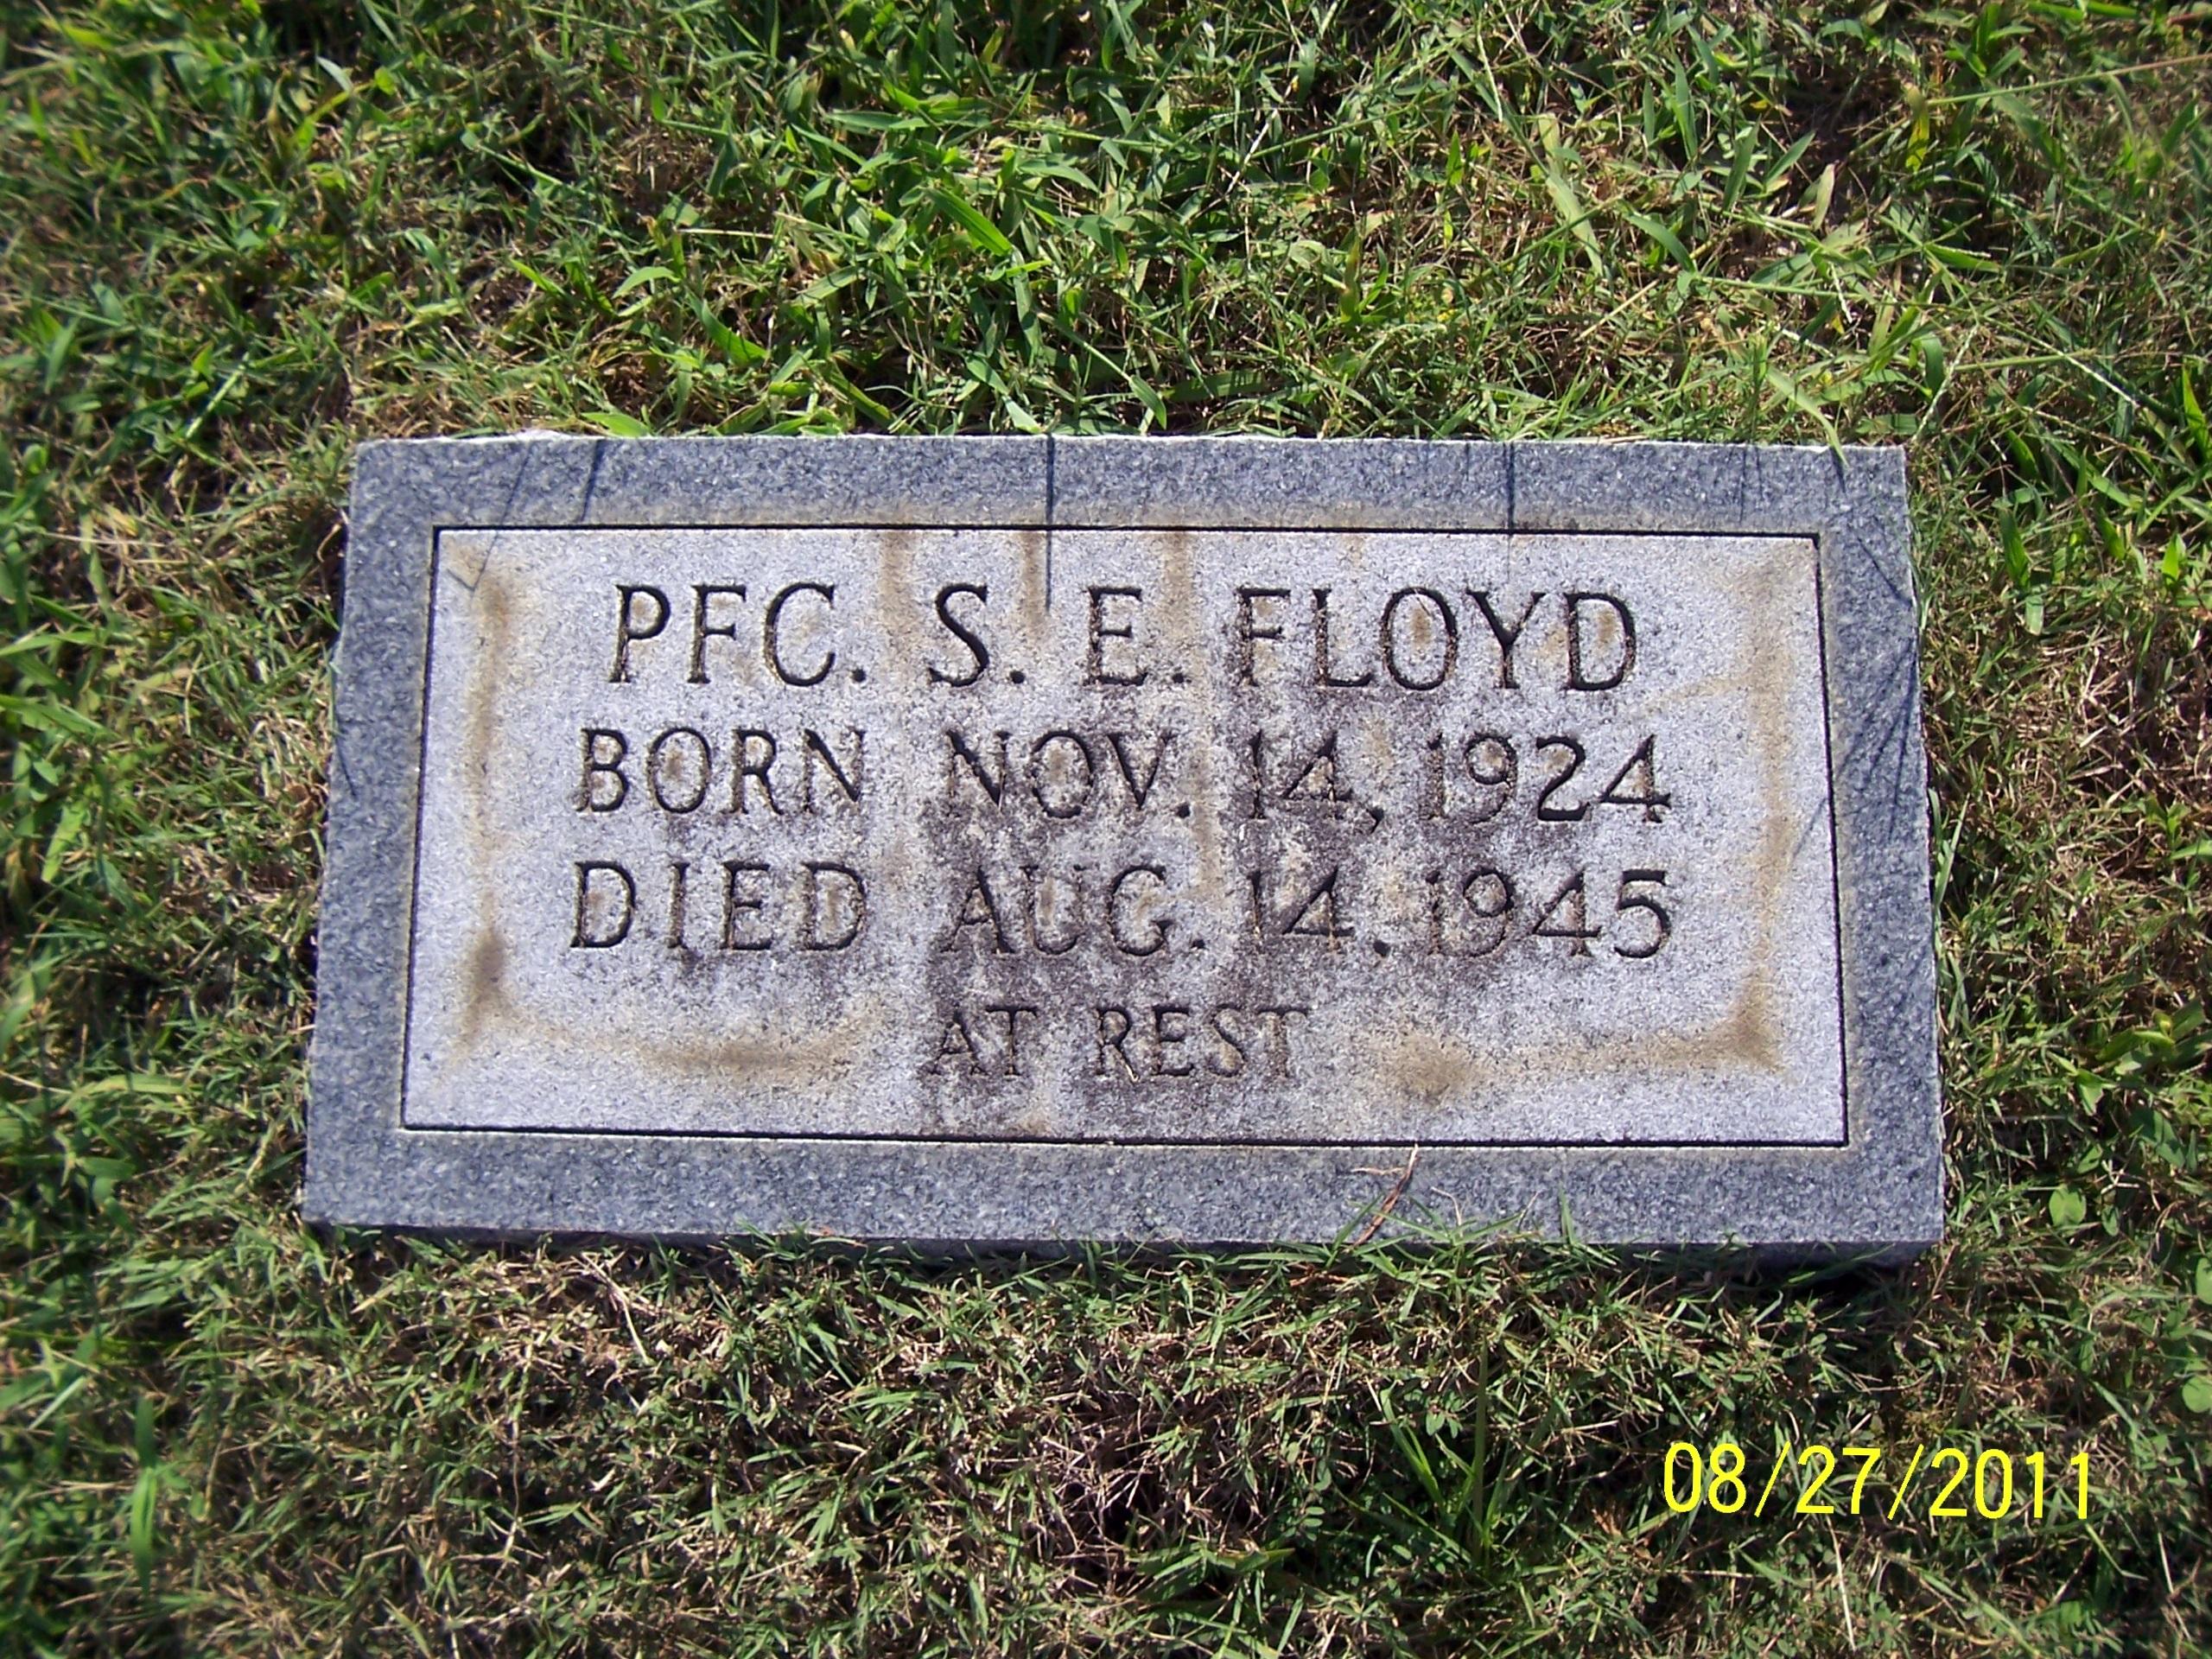 S E Floyd